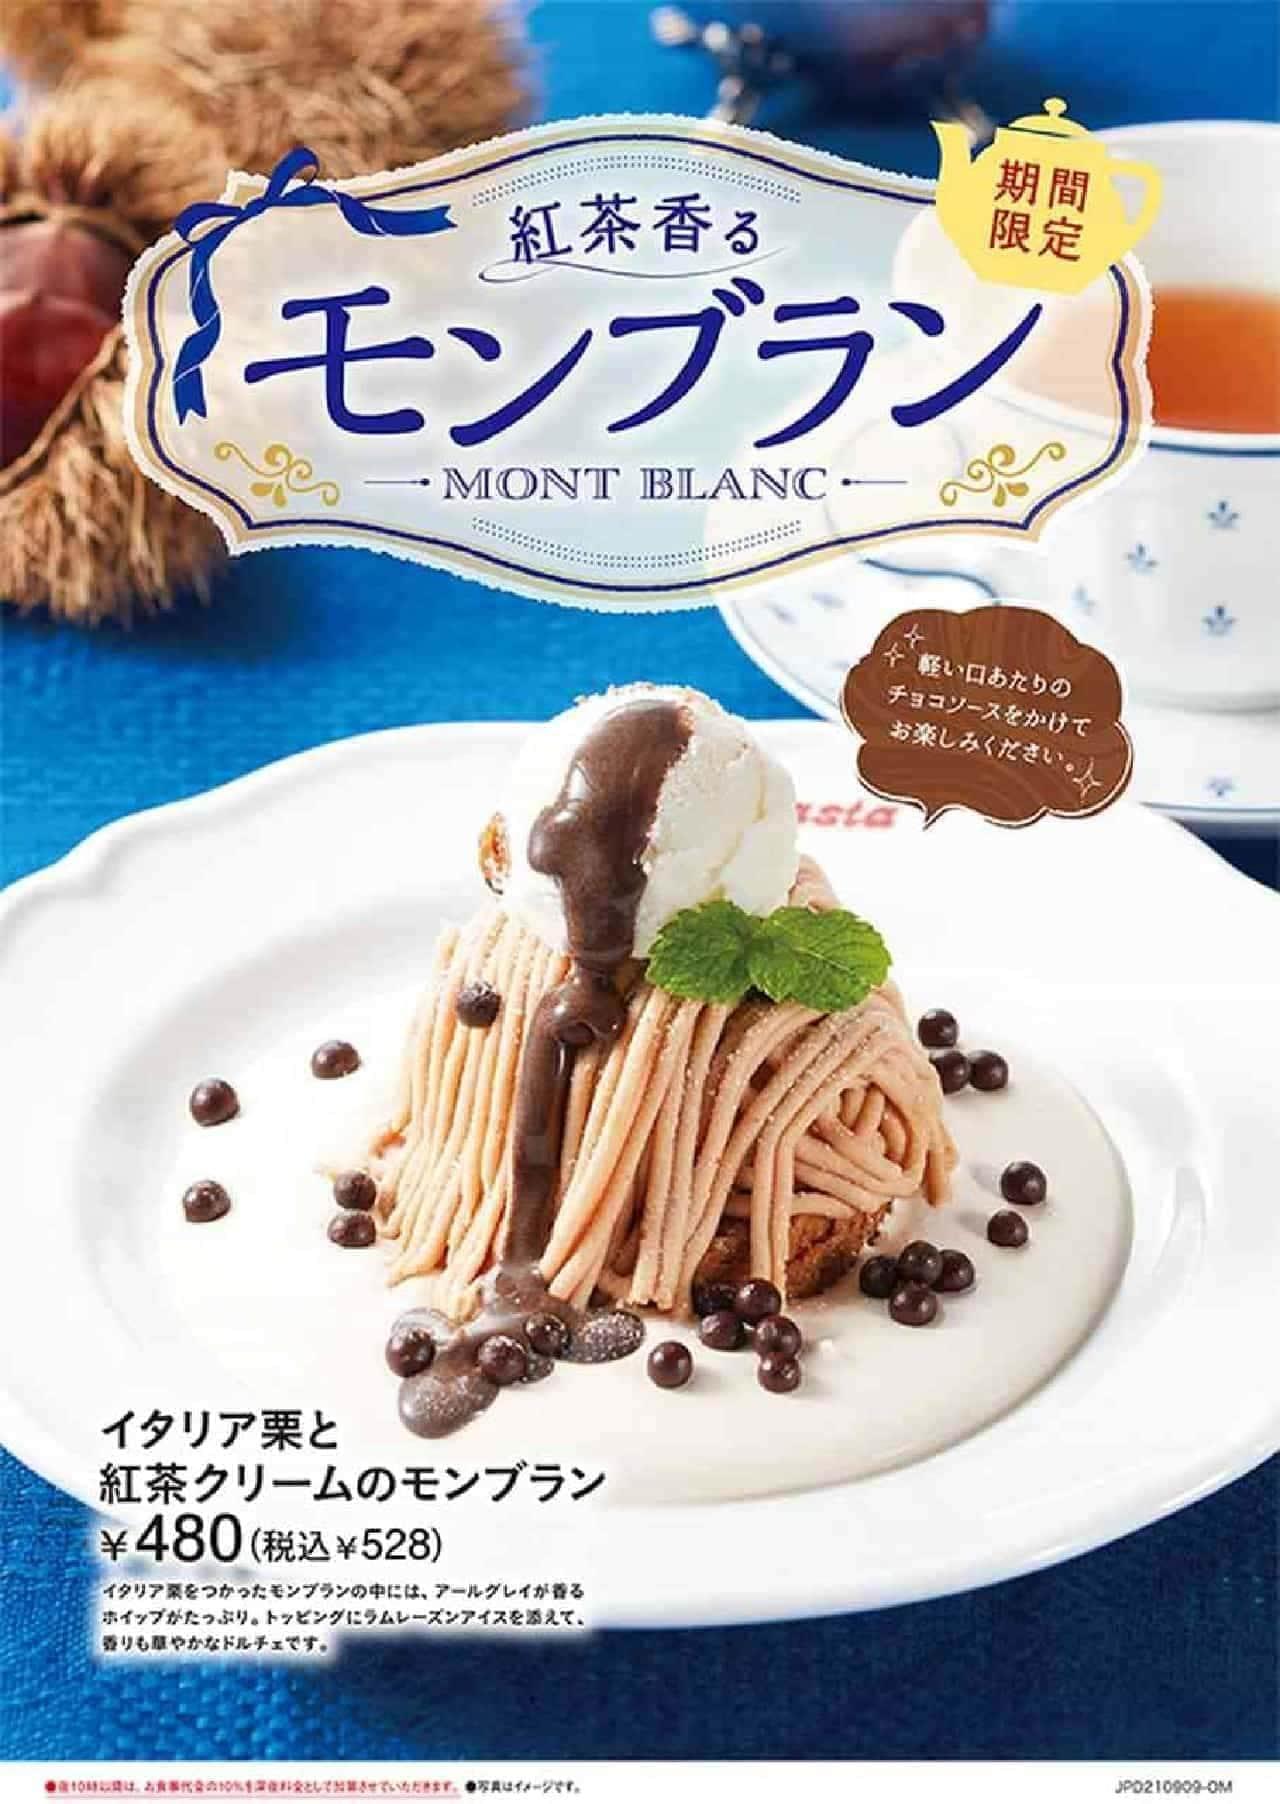 ジョリーパスタ「イタリア栗と紅茶クリームのモンブラン」